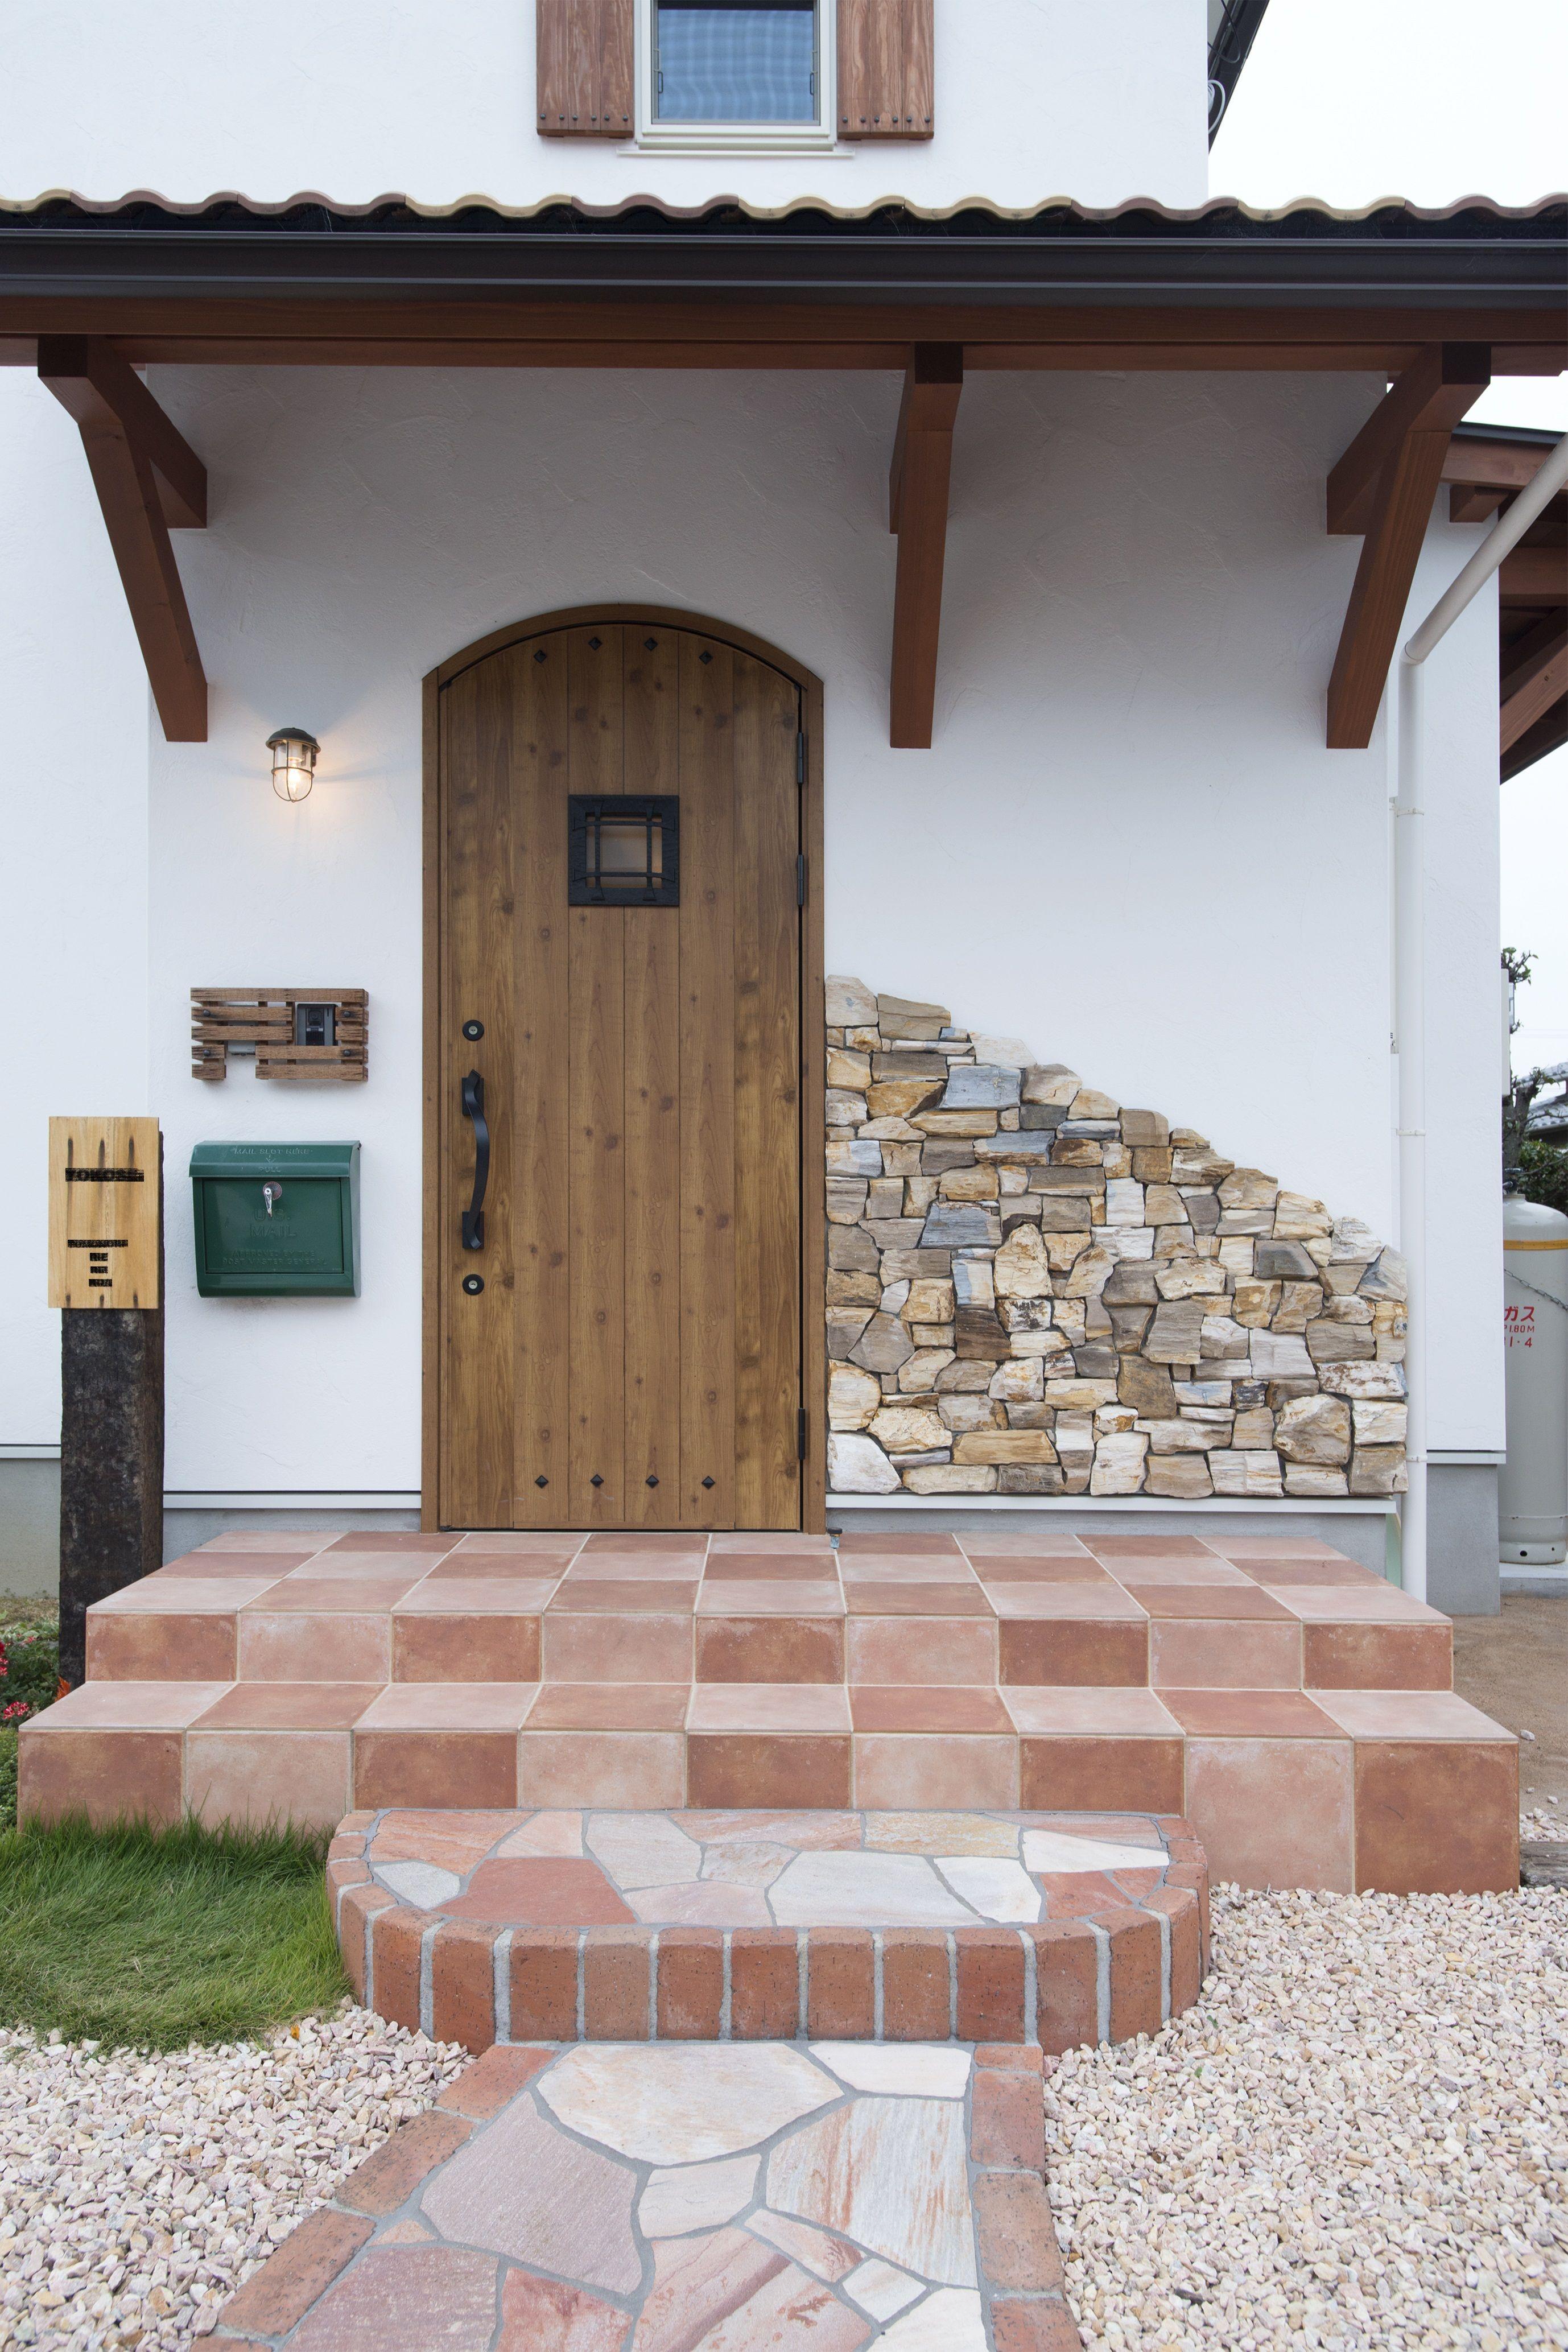 ケース84 アーチ型ドア 平屋 外観 シンプル 平屋外観